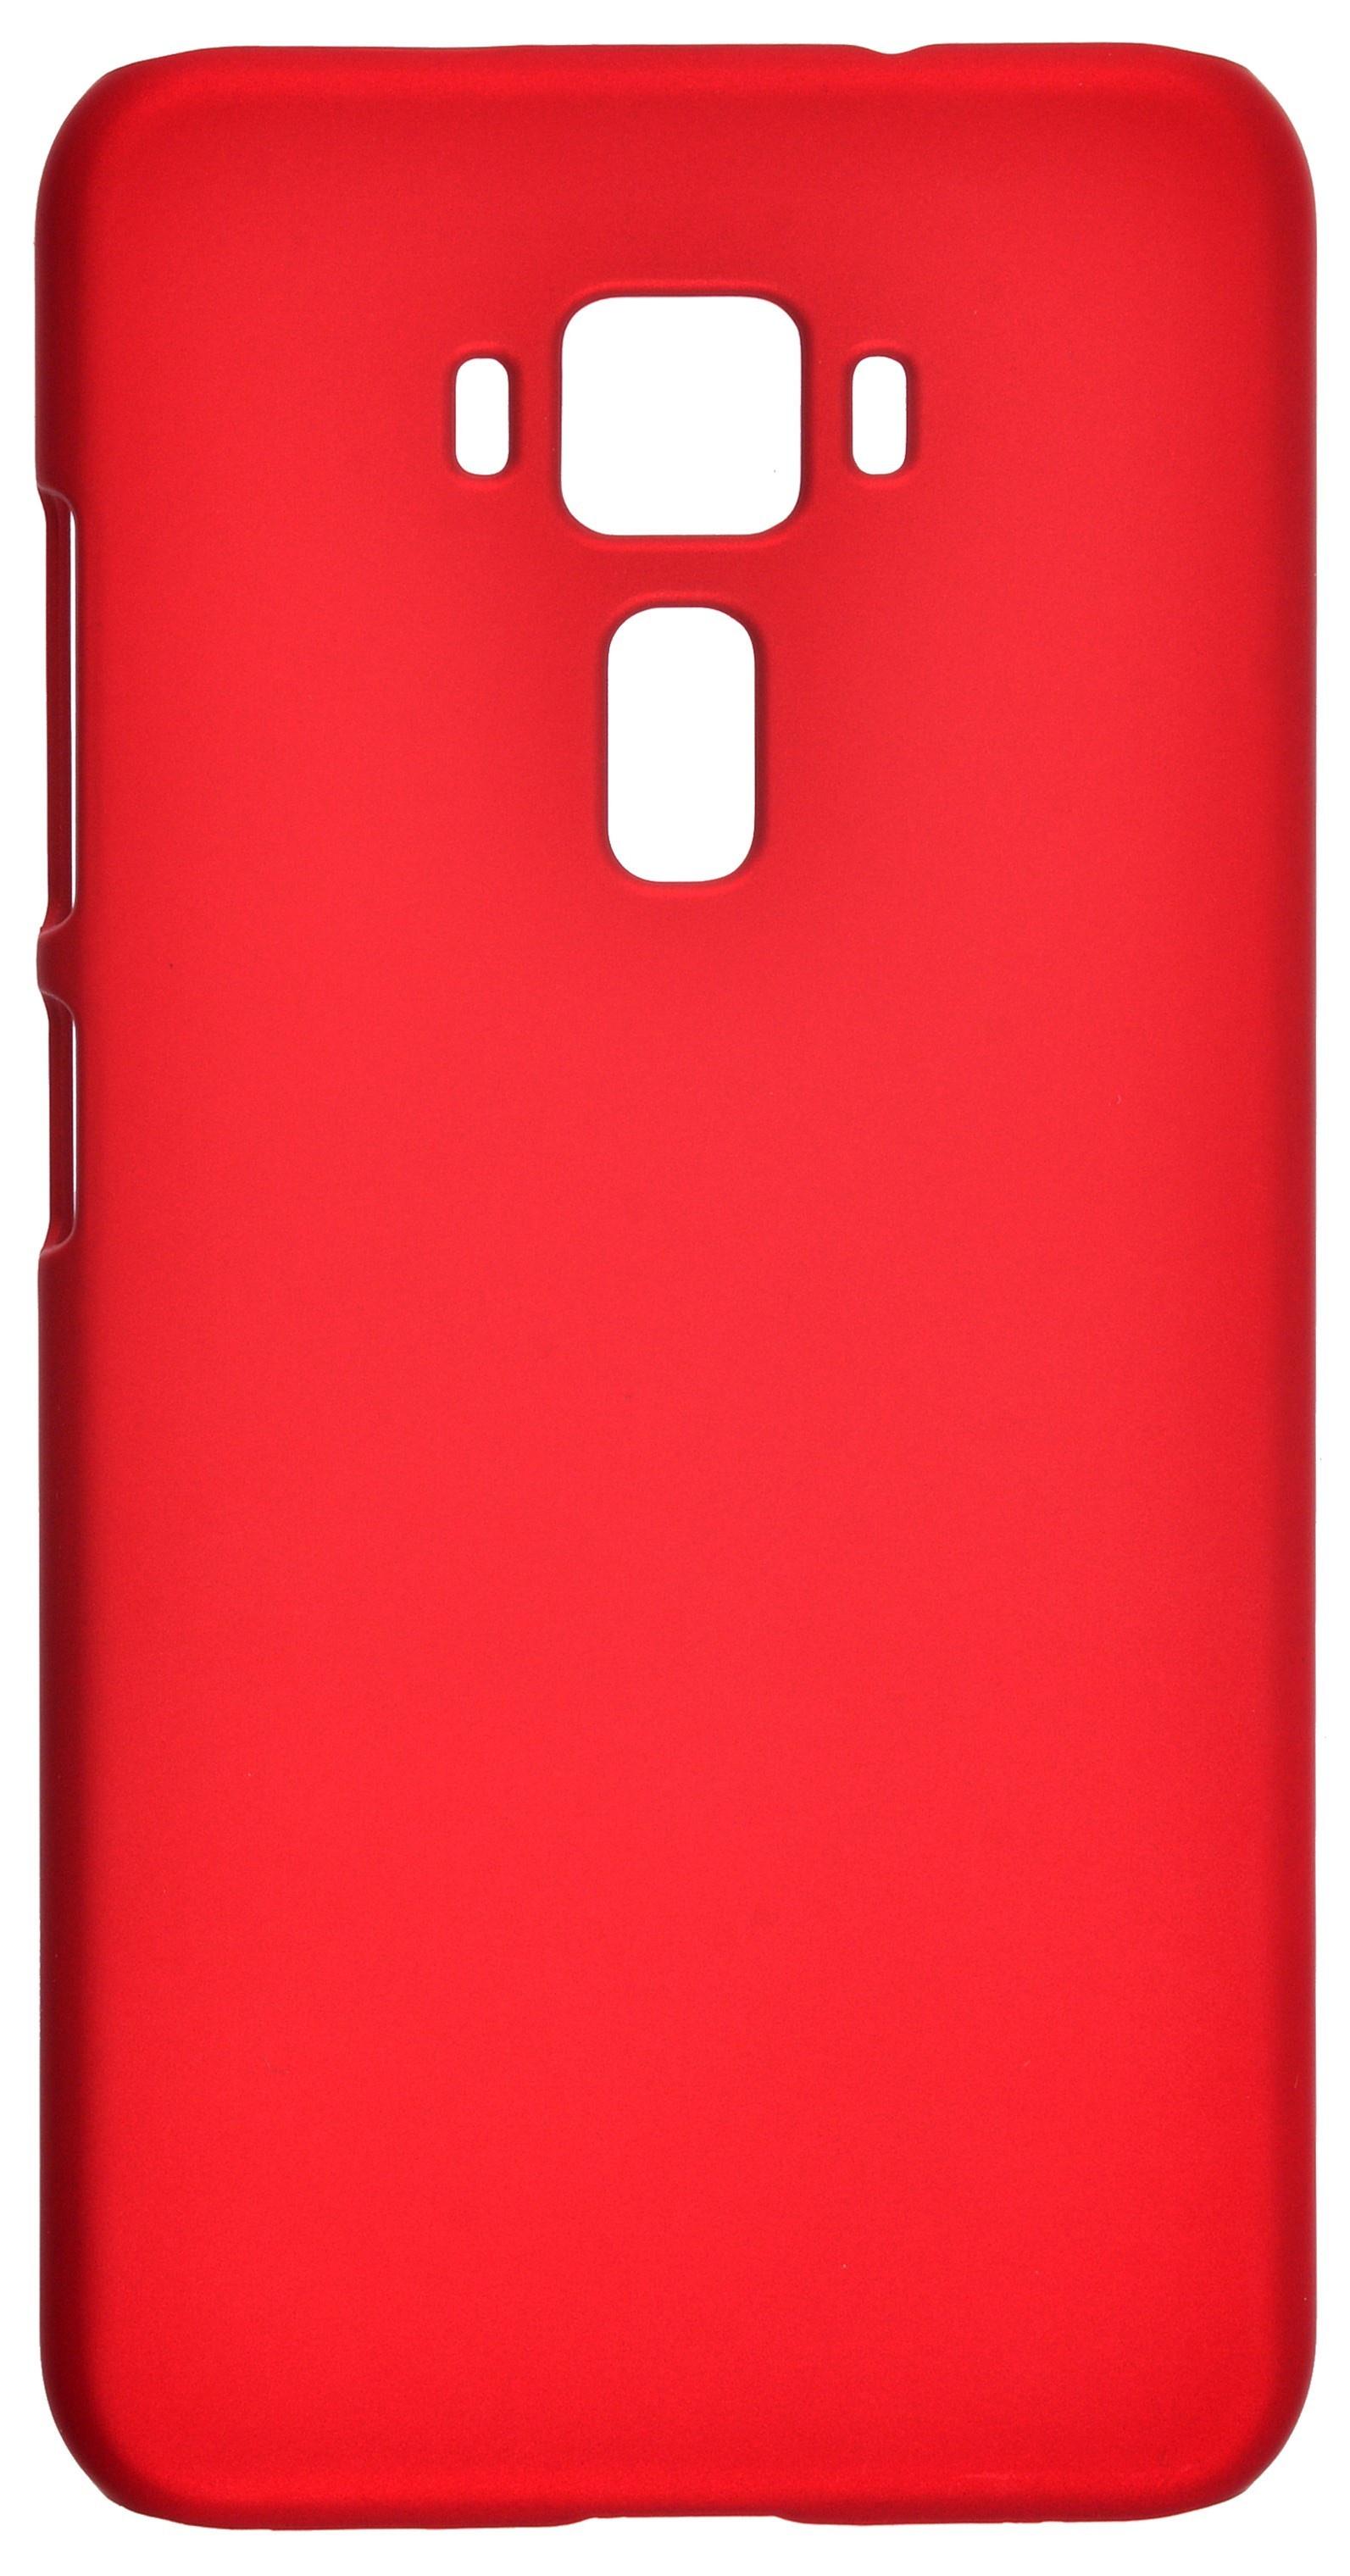 Чехол для сотового телефона skinBOX 4People, 4630042528444, красный чехол для сотового телефона skinbox 4people 4630042528994 красный